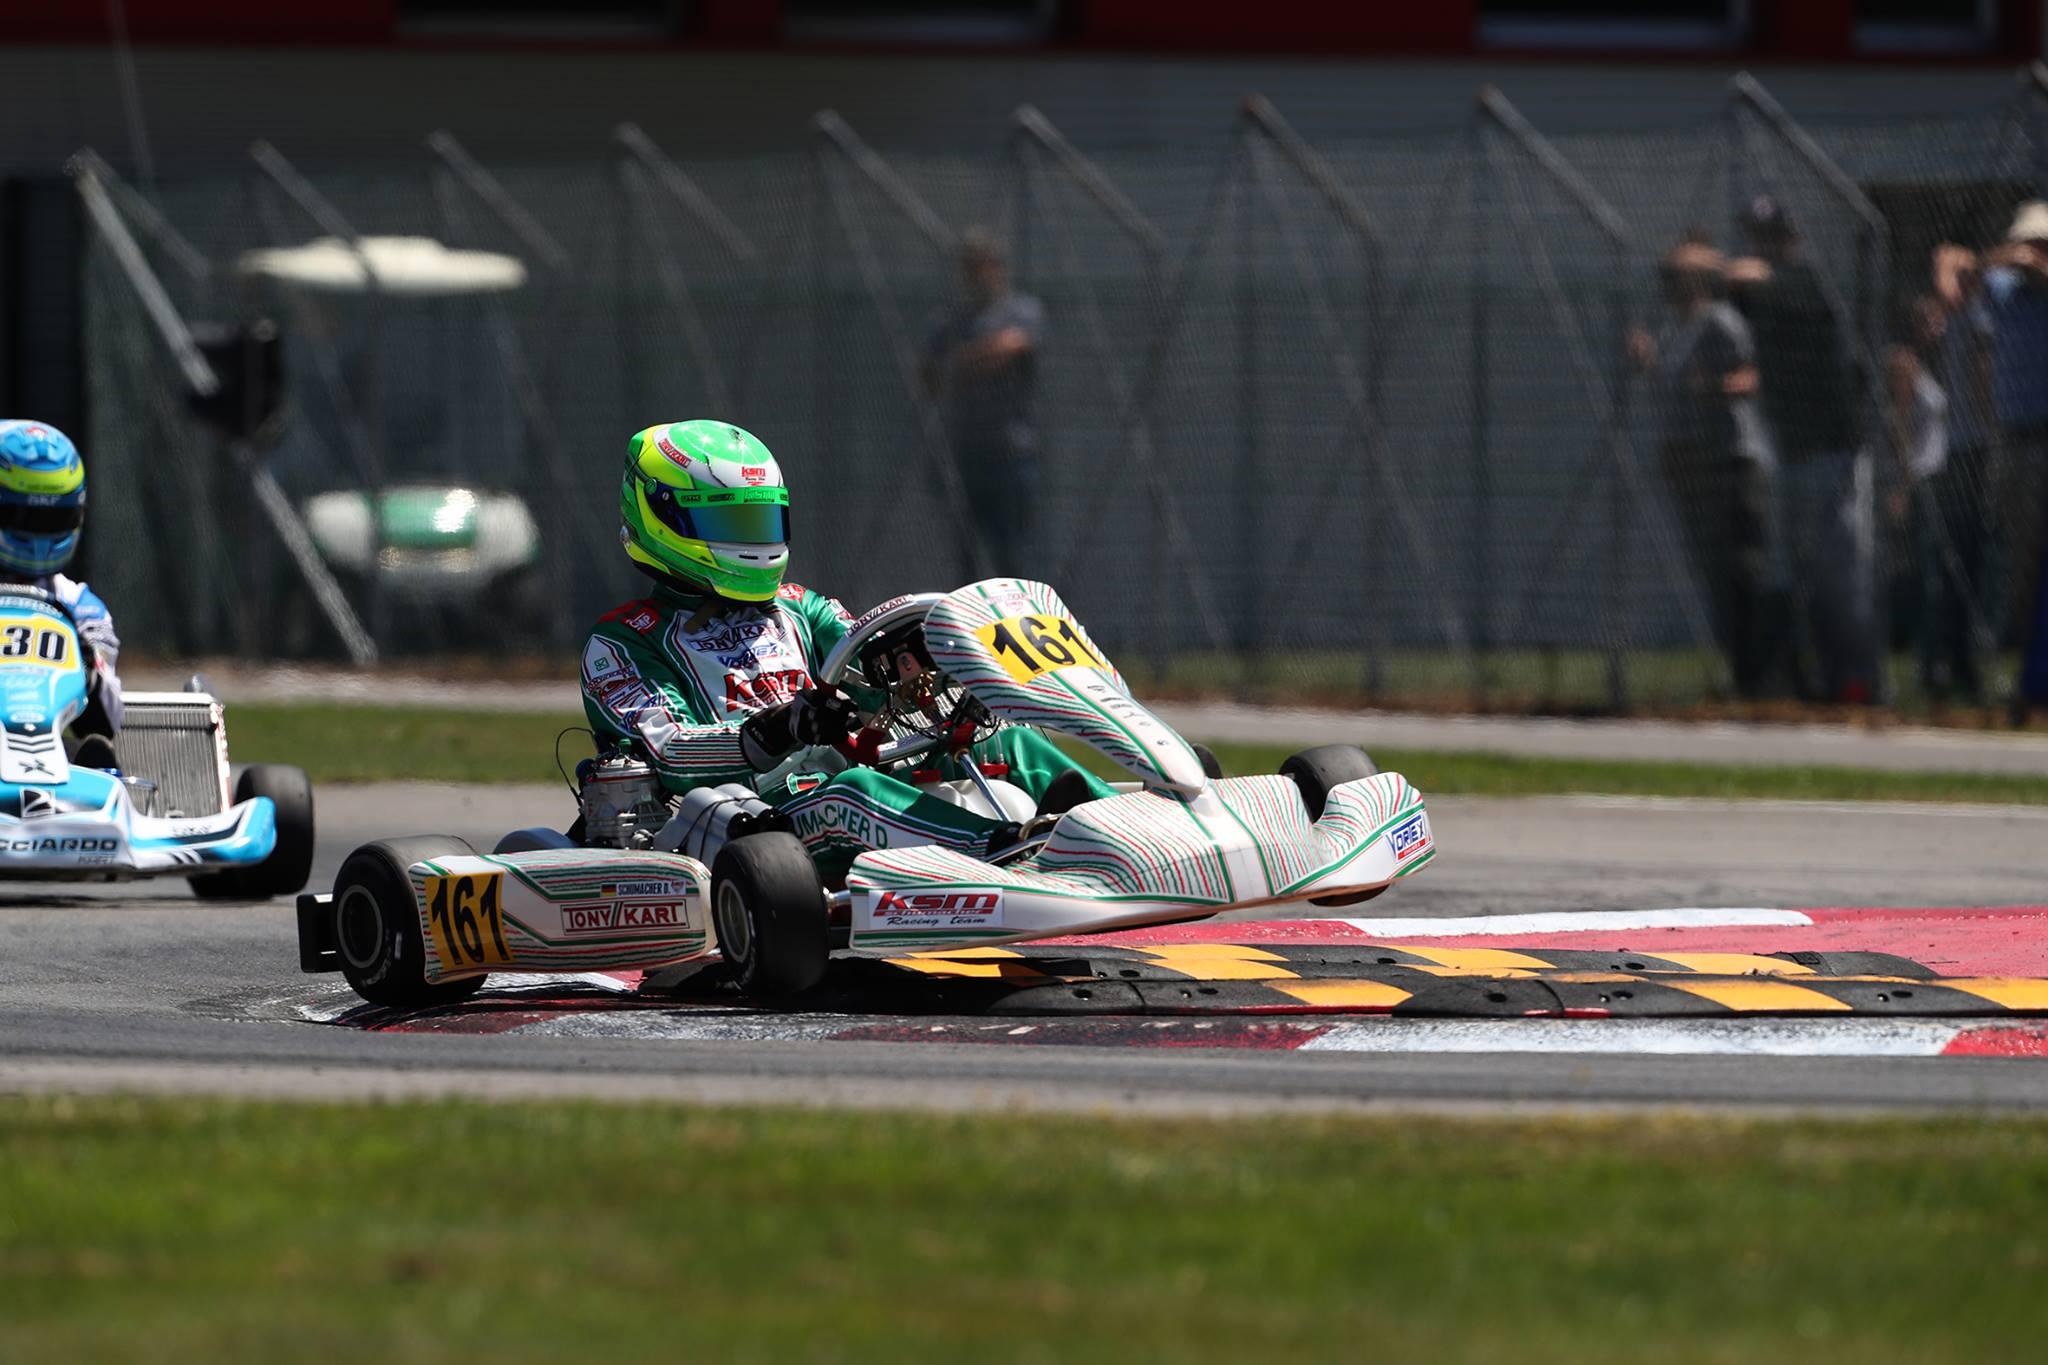 Circuito Karting : Ralf schumacher y fernando alonso se pelean por la